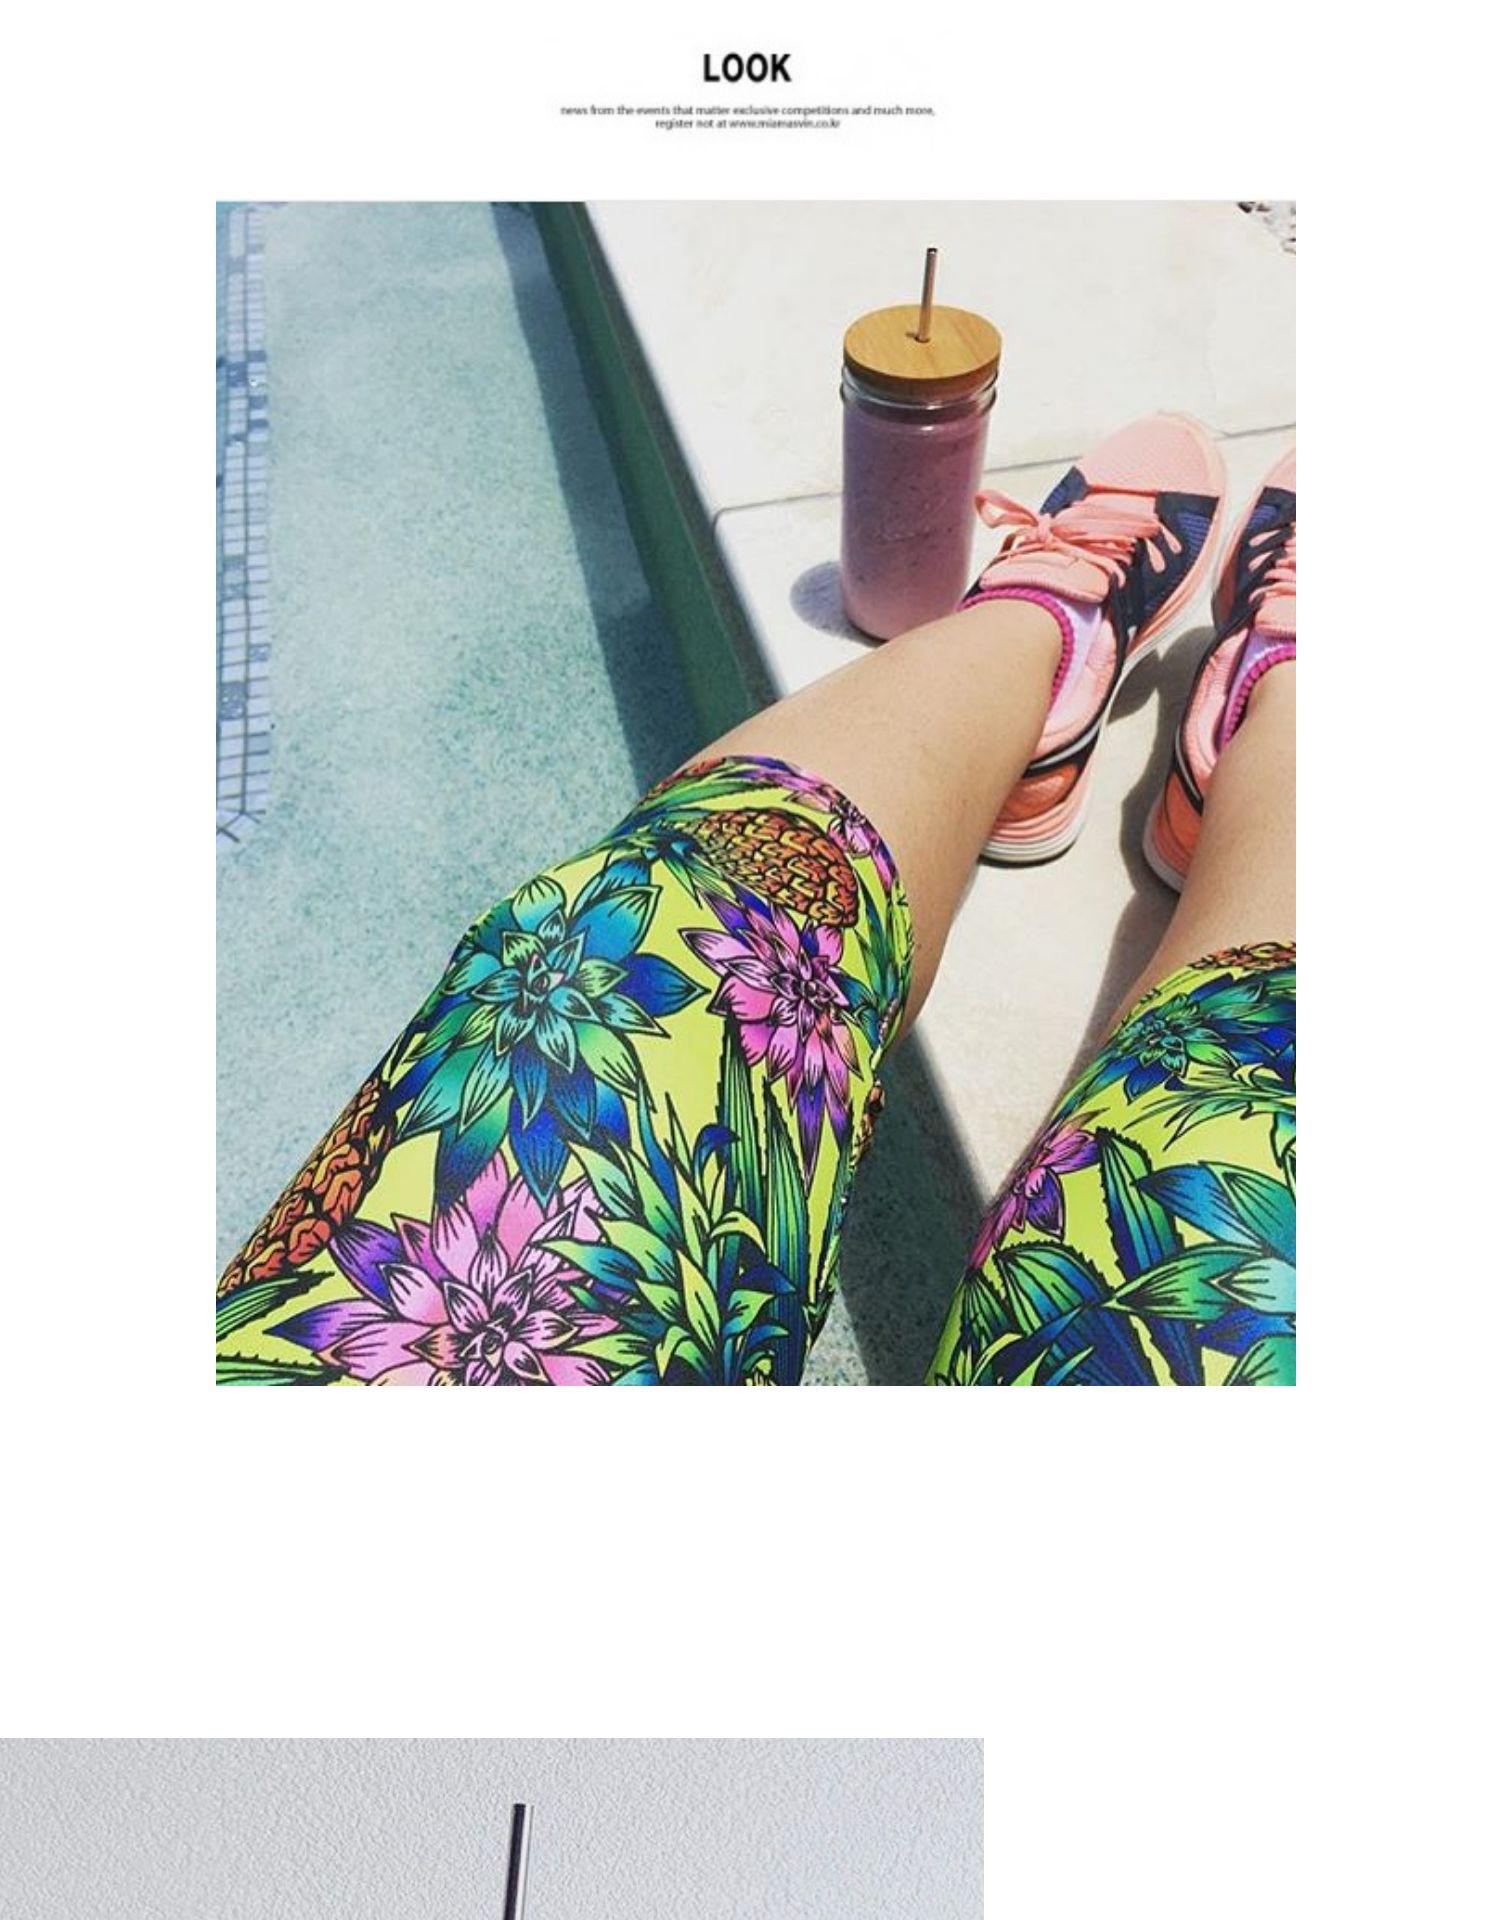 包邮竹木盖宽口梅森杯排毒水吸管杯西柚饮料冷萃咖啡杯详细照片